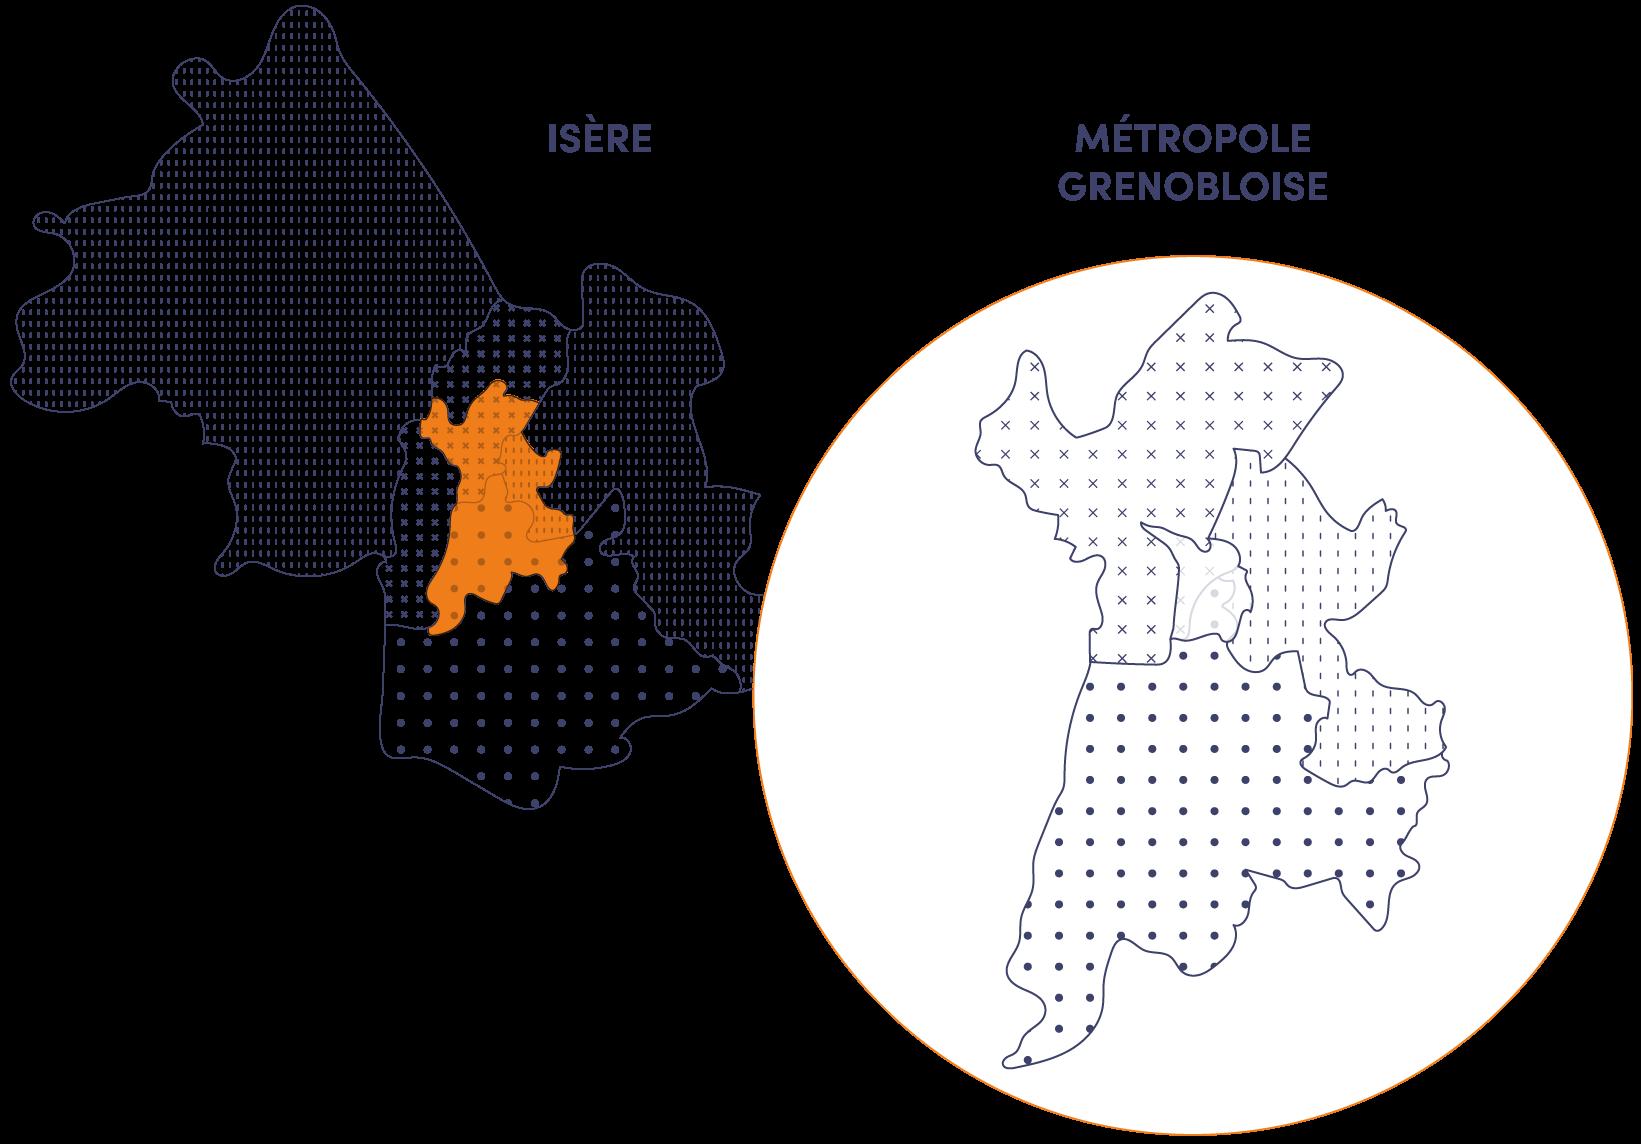 Carte implantation Actis, Office Public de l'Habitat de la région grenobloise